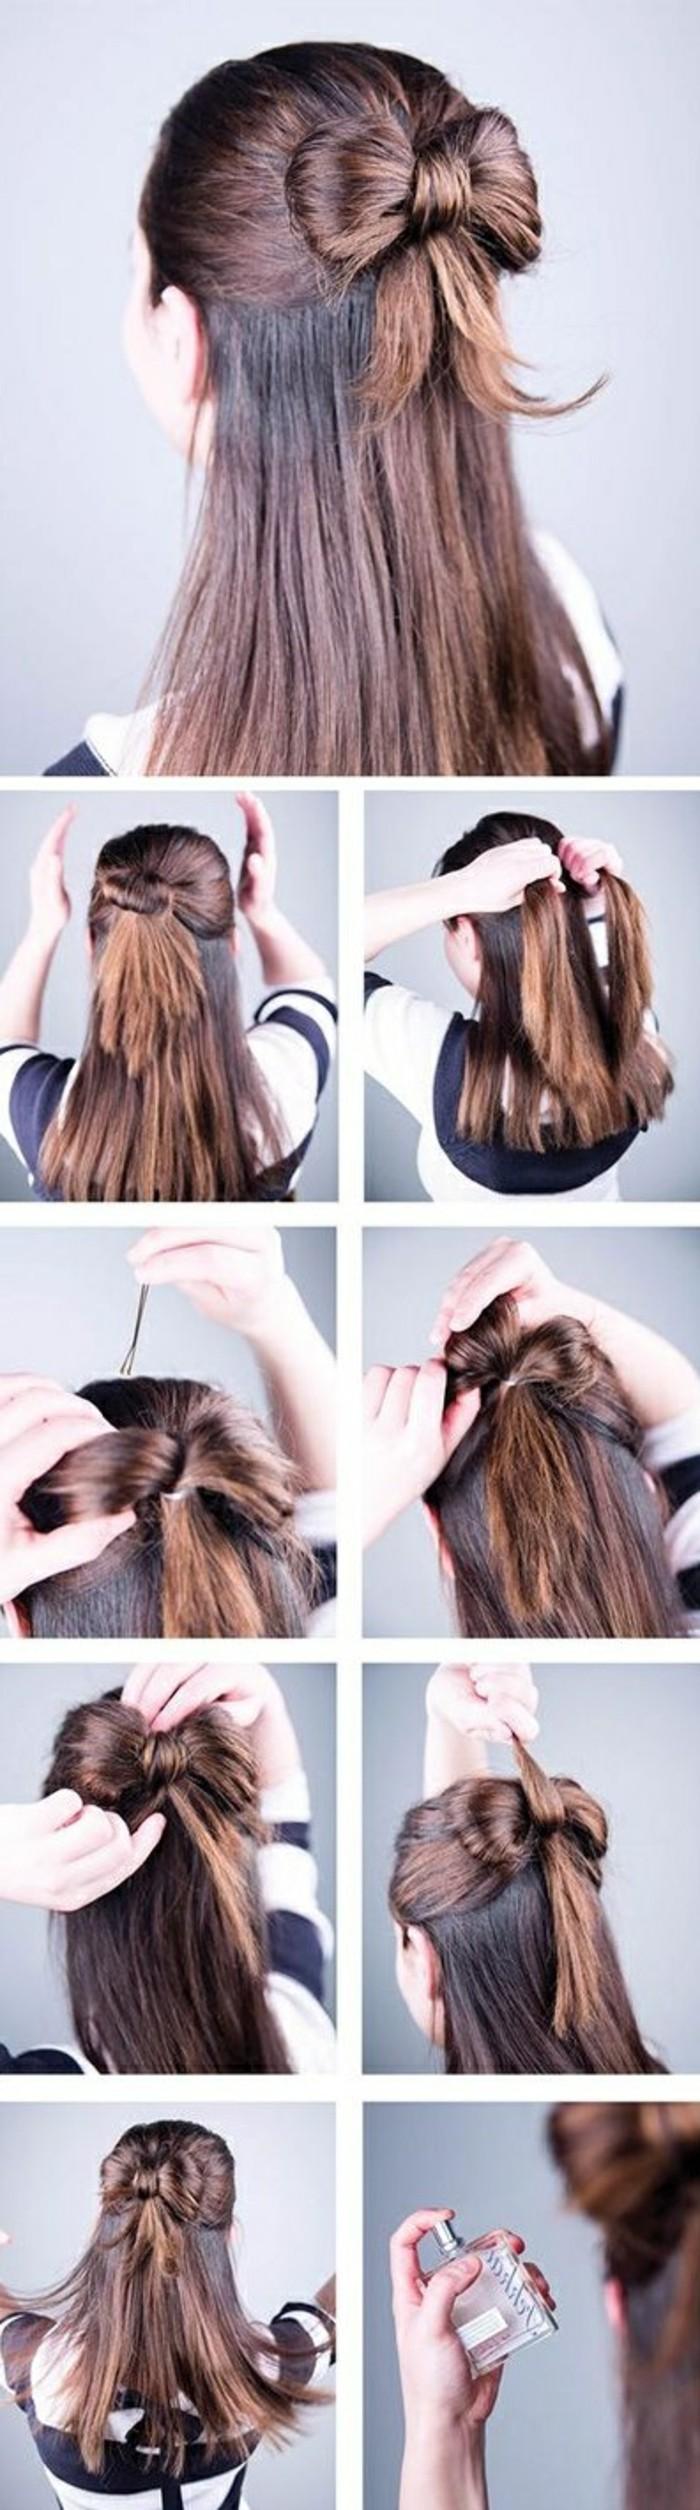 Schne Haarfrisuren fr jeden Anlass